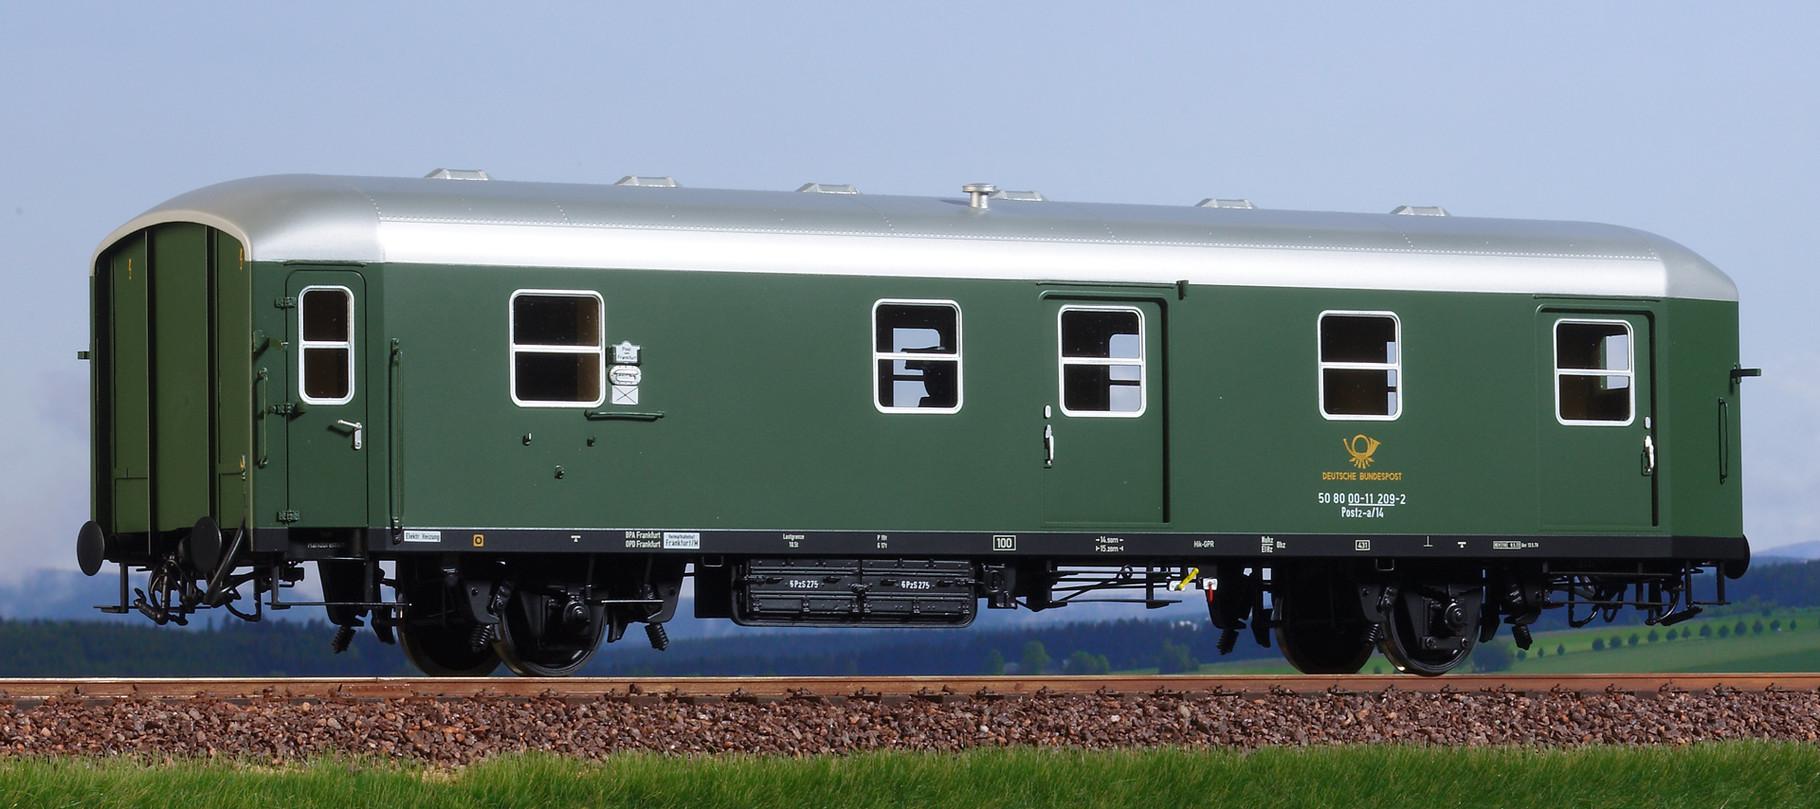 Spur 0, Bahnpostwagen Post 2-a/14, flaschengrün, ohne Einpolterungen an den Dachenden, Epoche IV